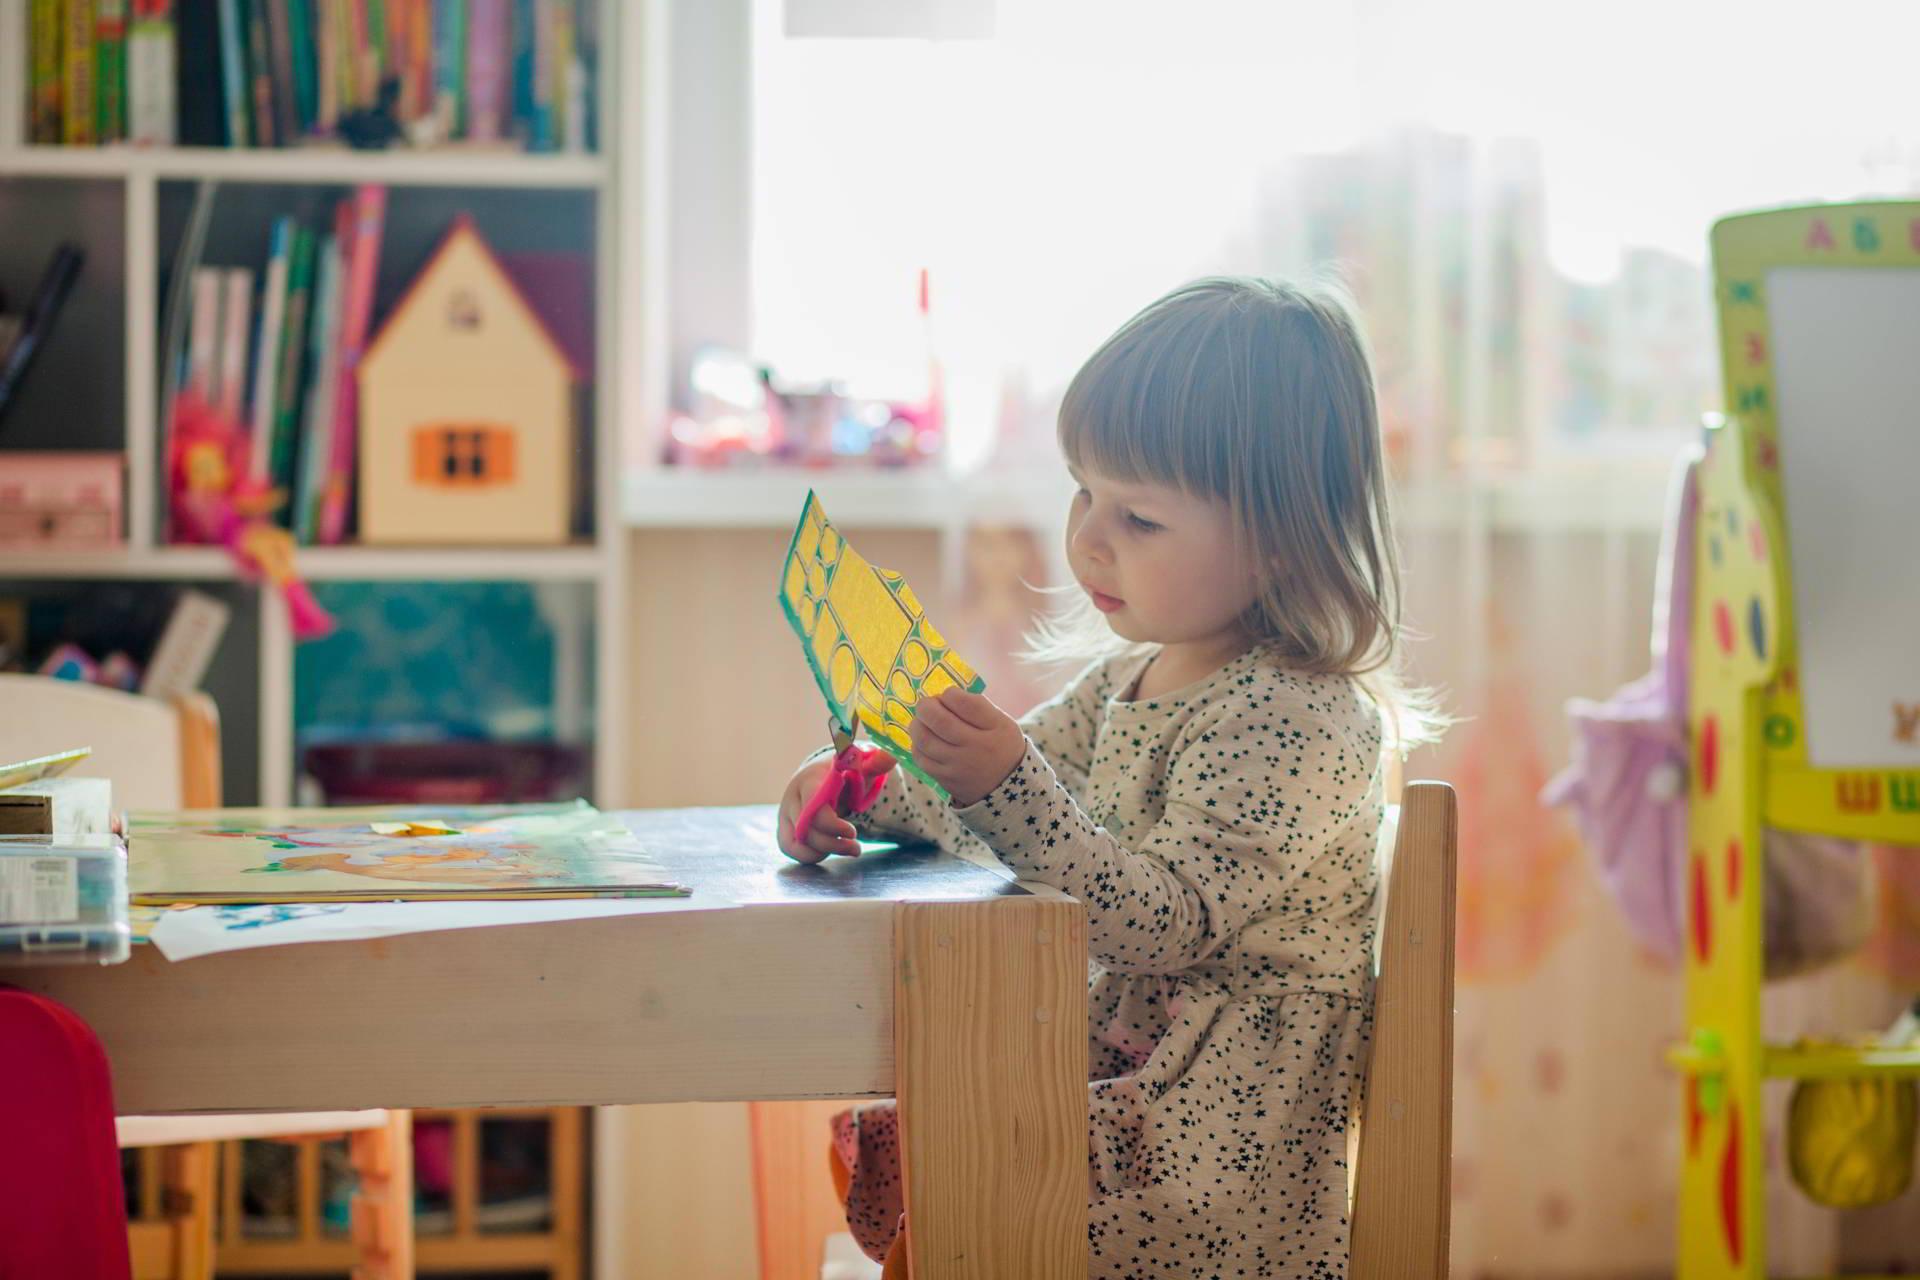 Αστική Ευθύνη Νηπιαγωγείων & Παιδικών Σταθμών